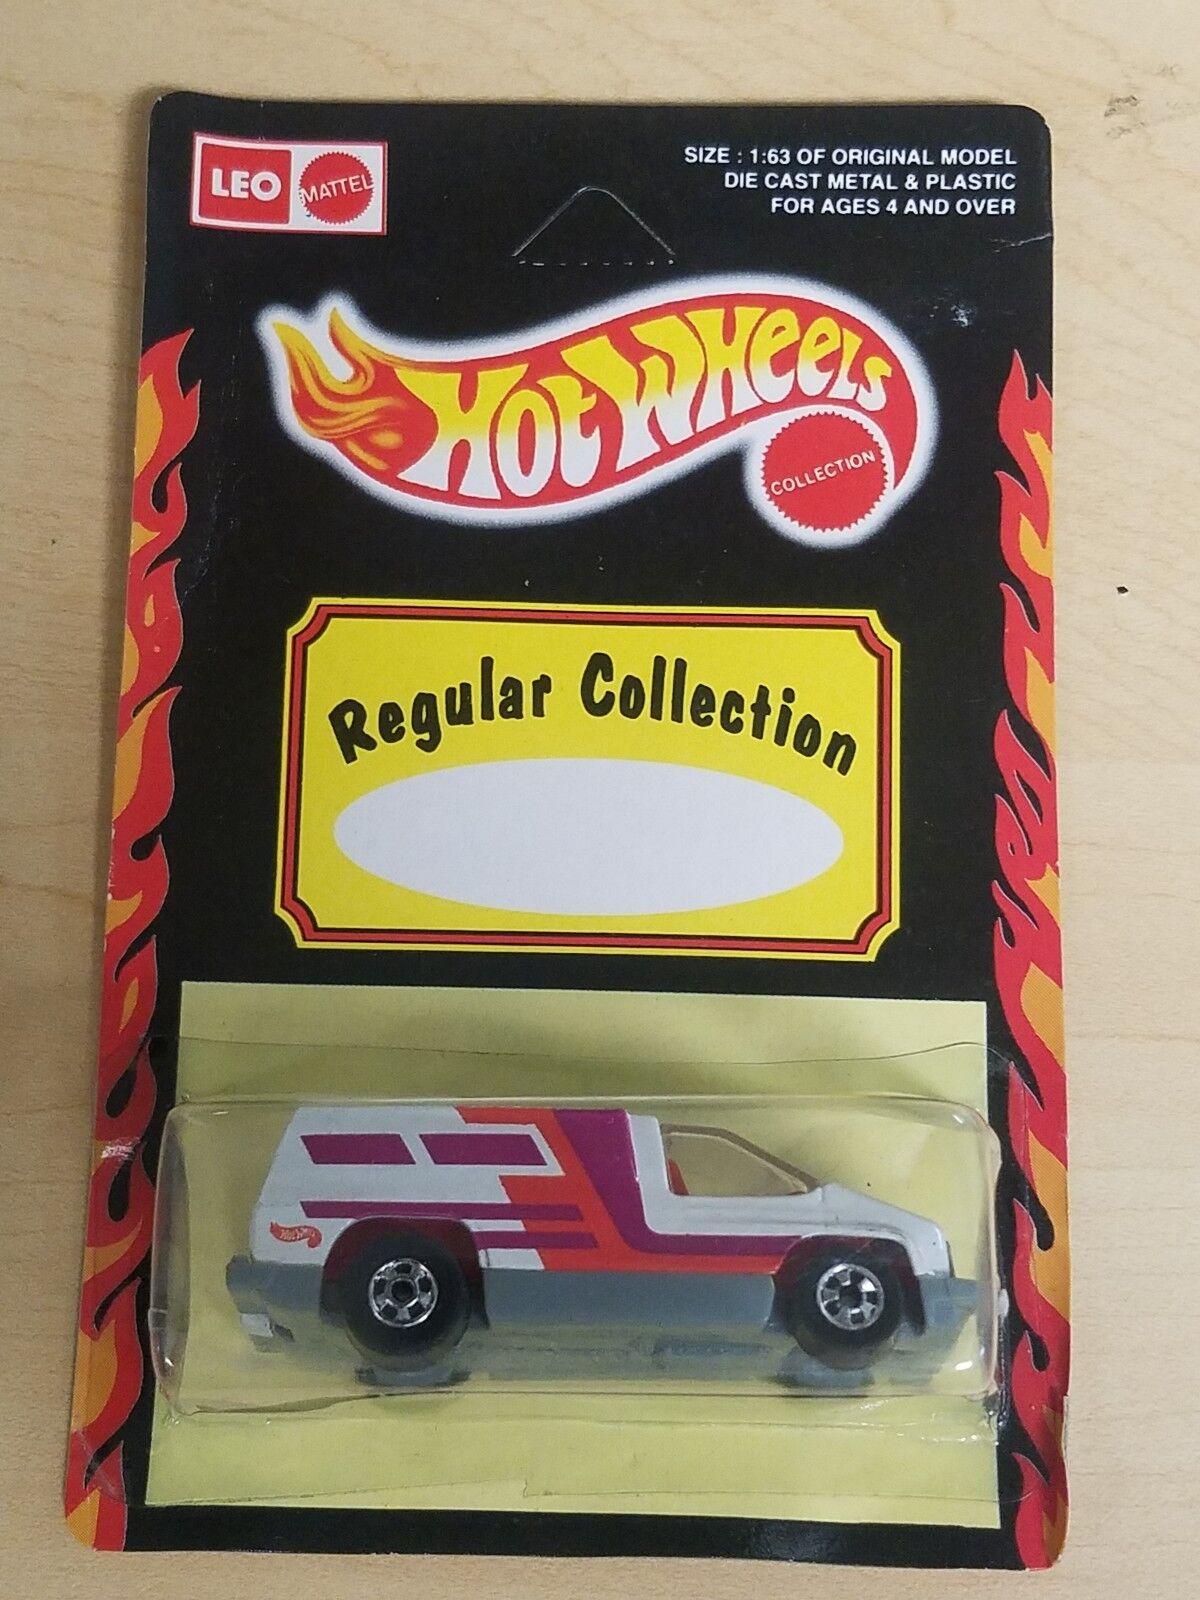 Hot Wheels LEO Mattel India Regular Collection Van